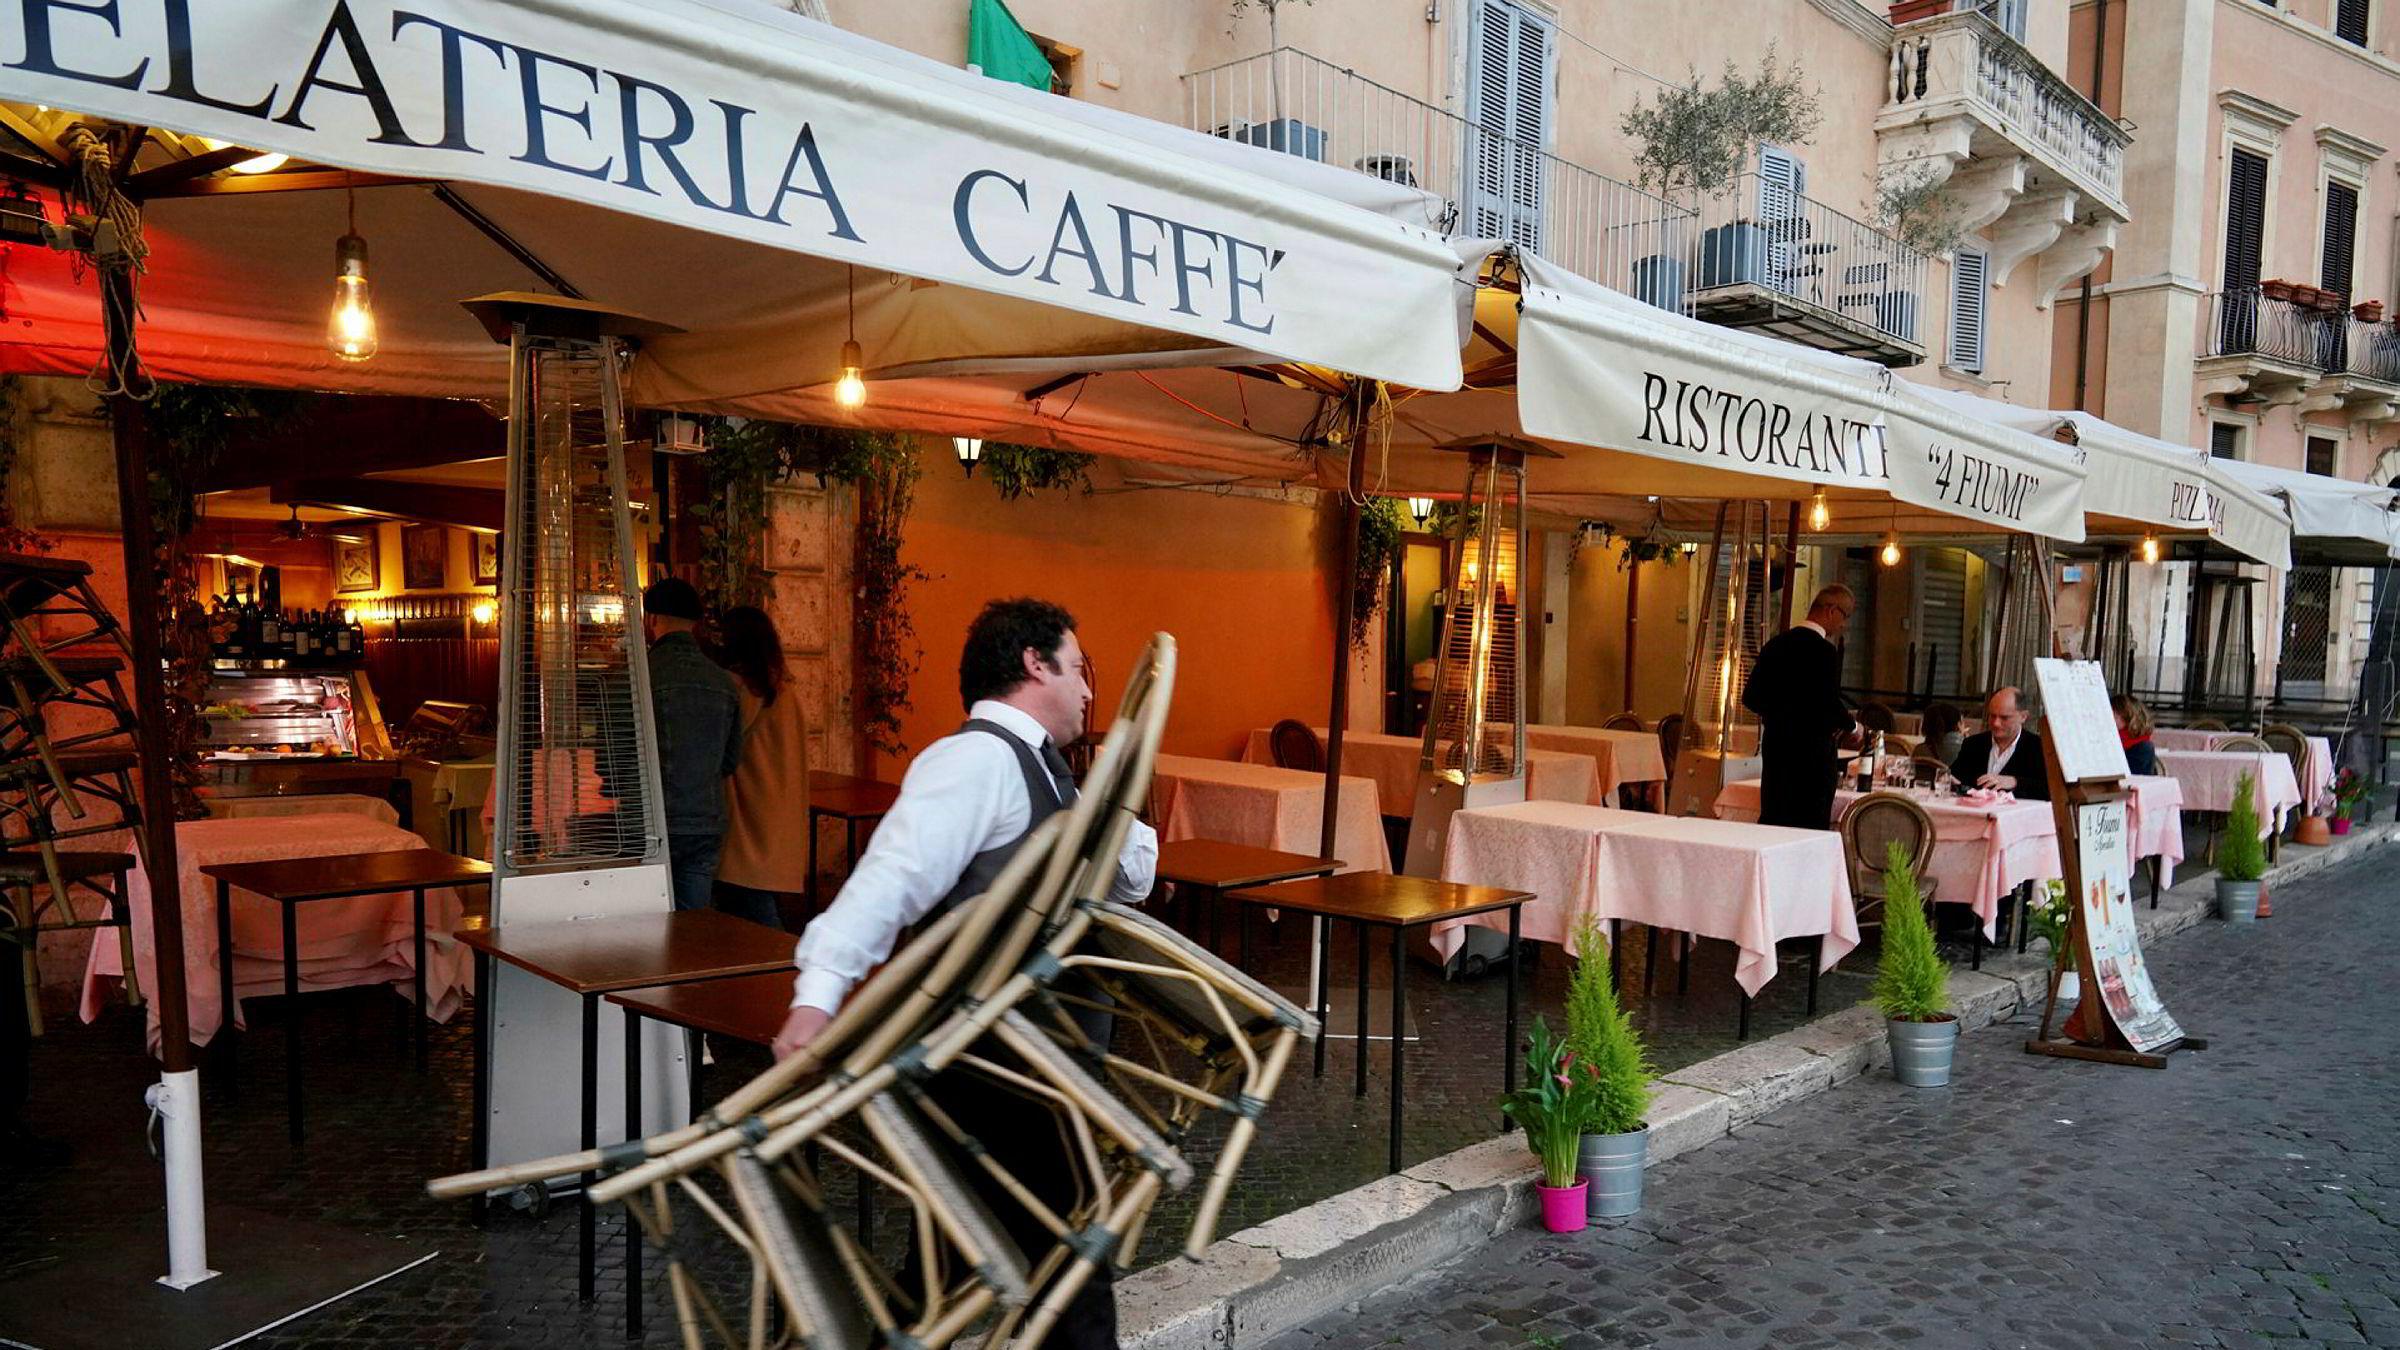 Kelnere tar inn stoler og bord når en restaurant i Roma må stenge klokken 18 på grunn av koronaviruset.